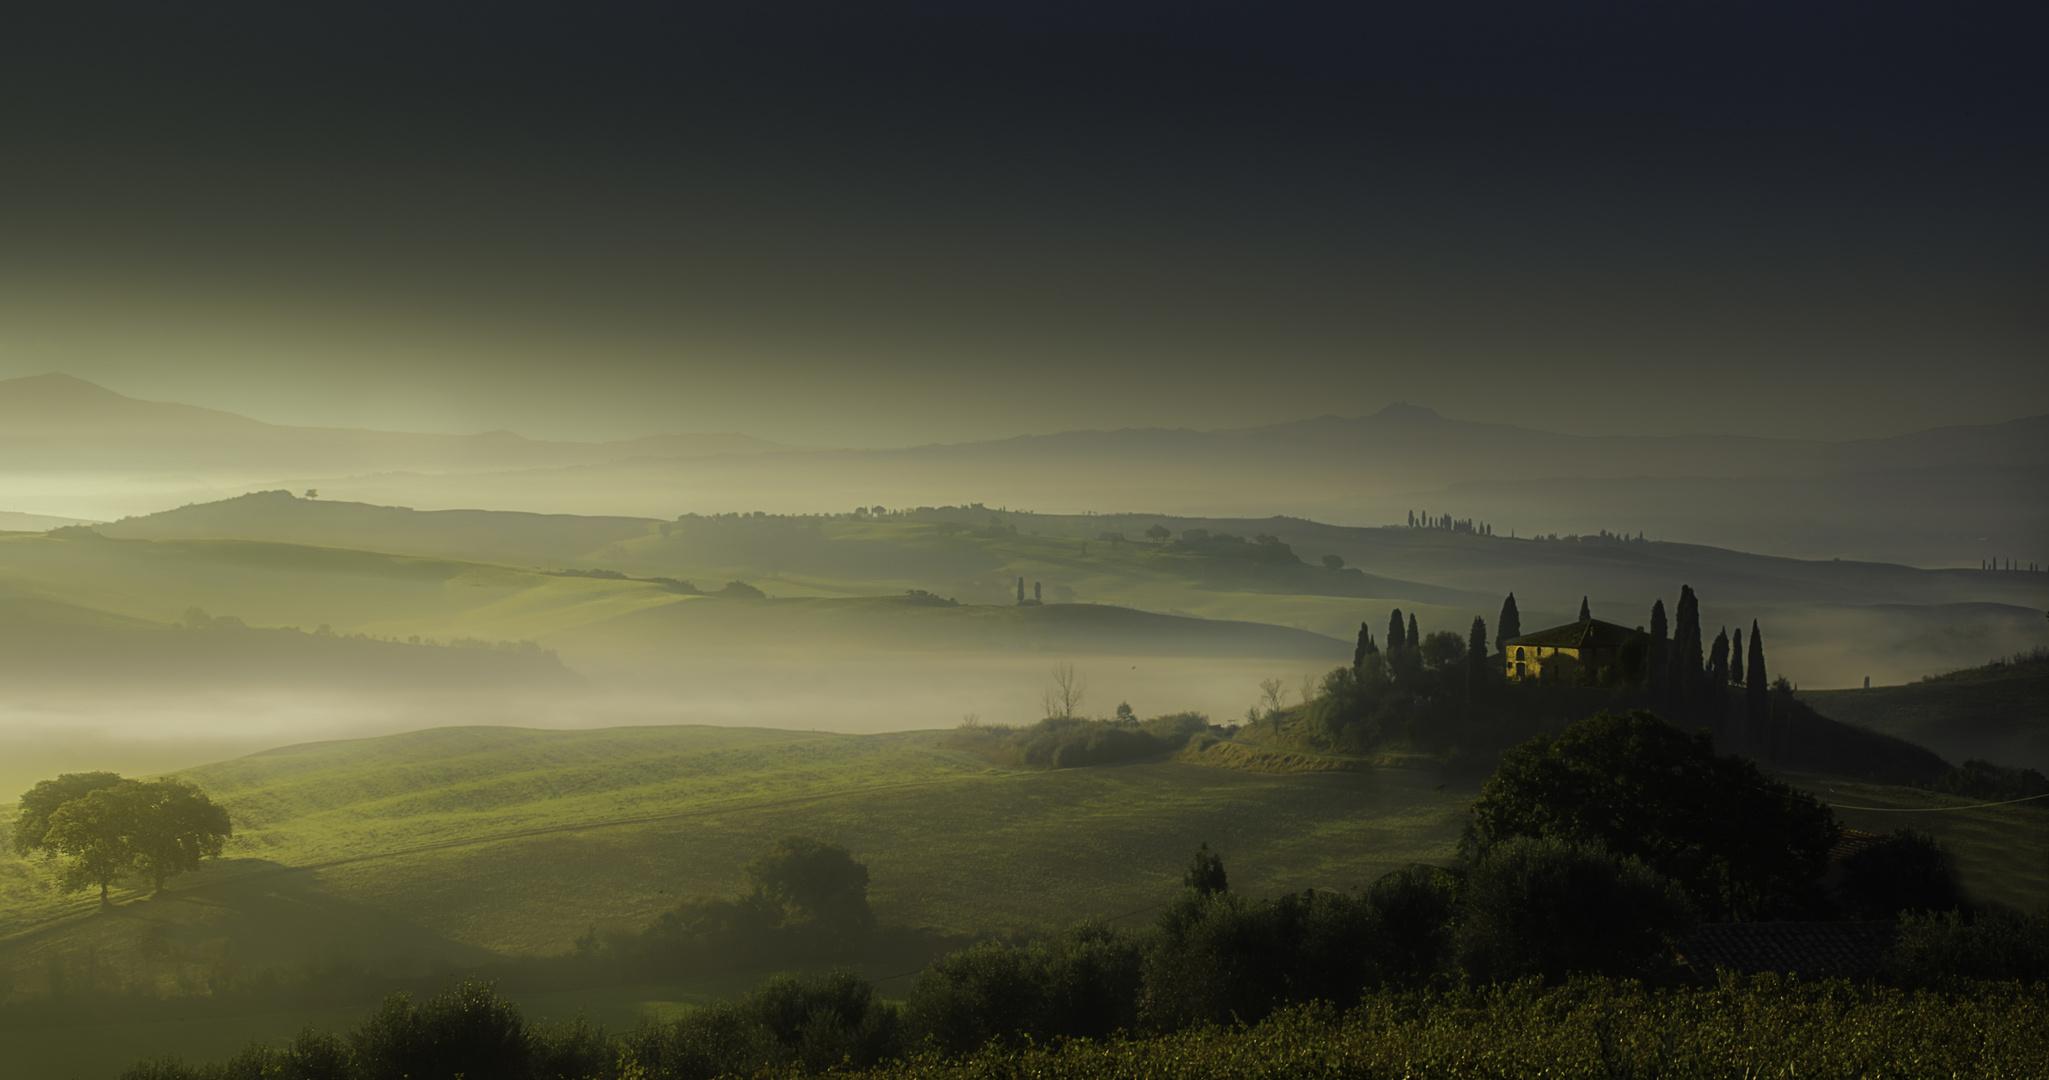 Erinnerung an die Toskana